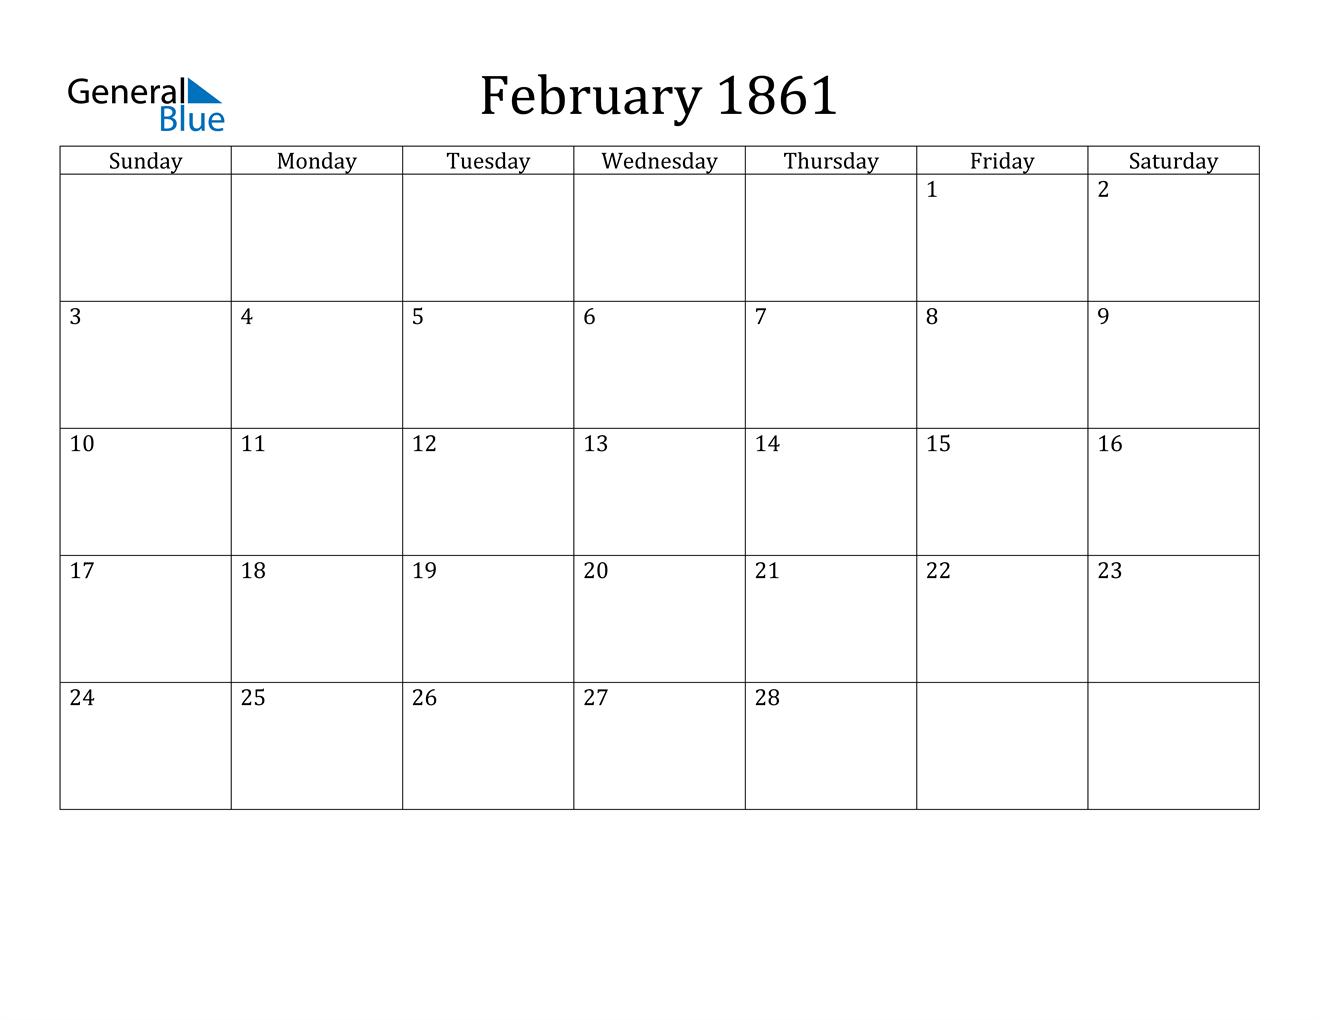 Image of February 1861 Calendar